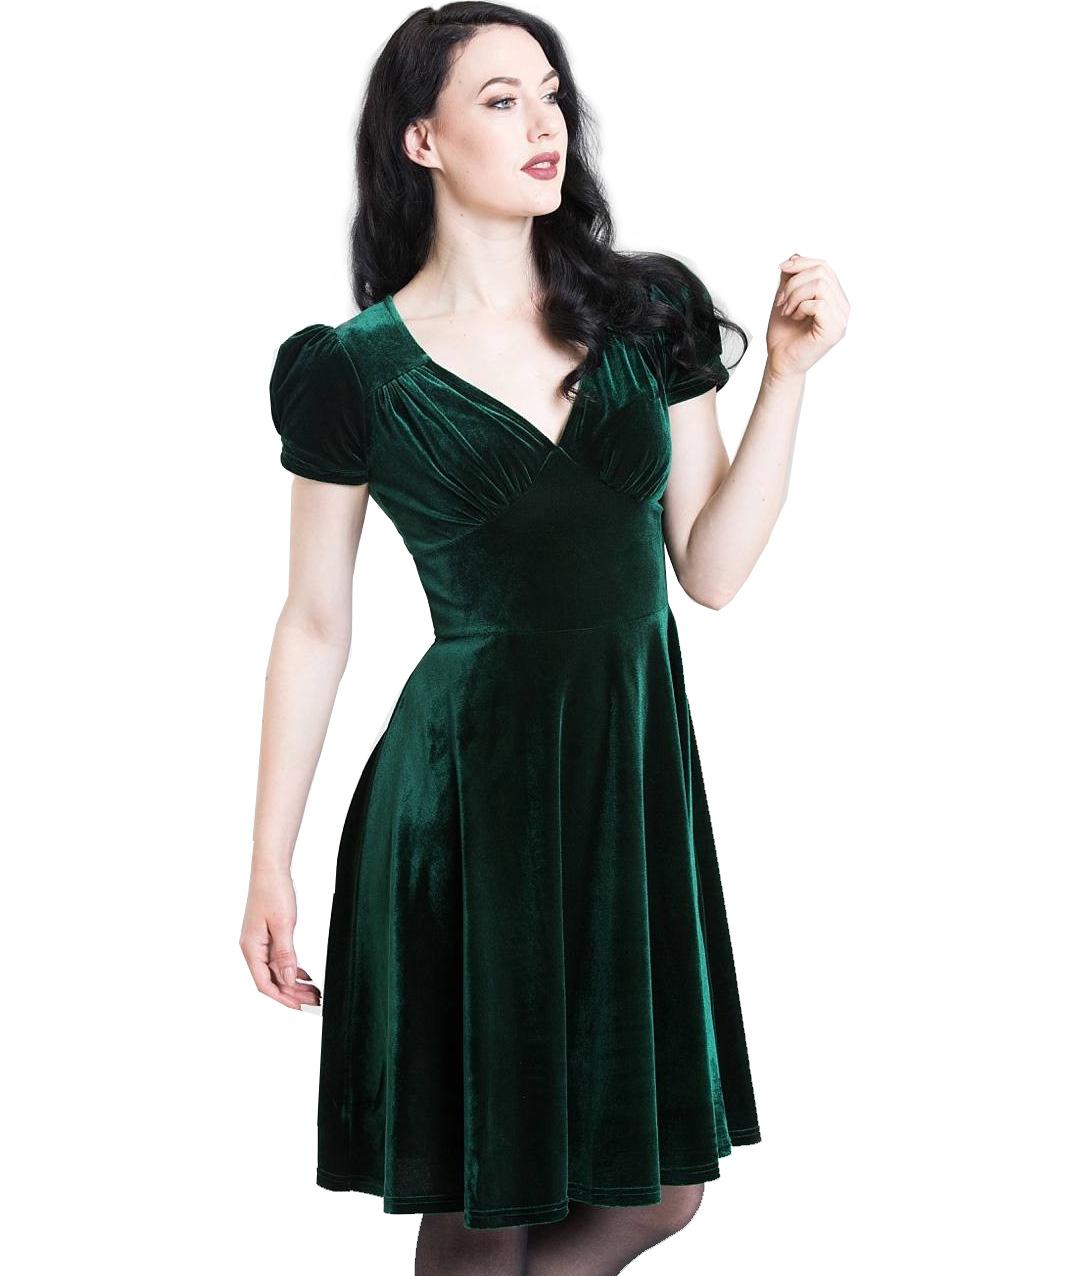 Hell-Bunny-40s-50s-Elegant-Pin-Up-Dress-JOANNE-Crushed-Velvet-Green-All-Sizes thumbnail 45